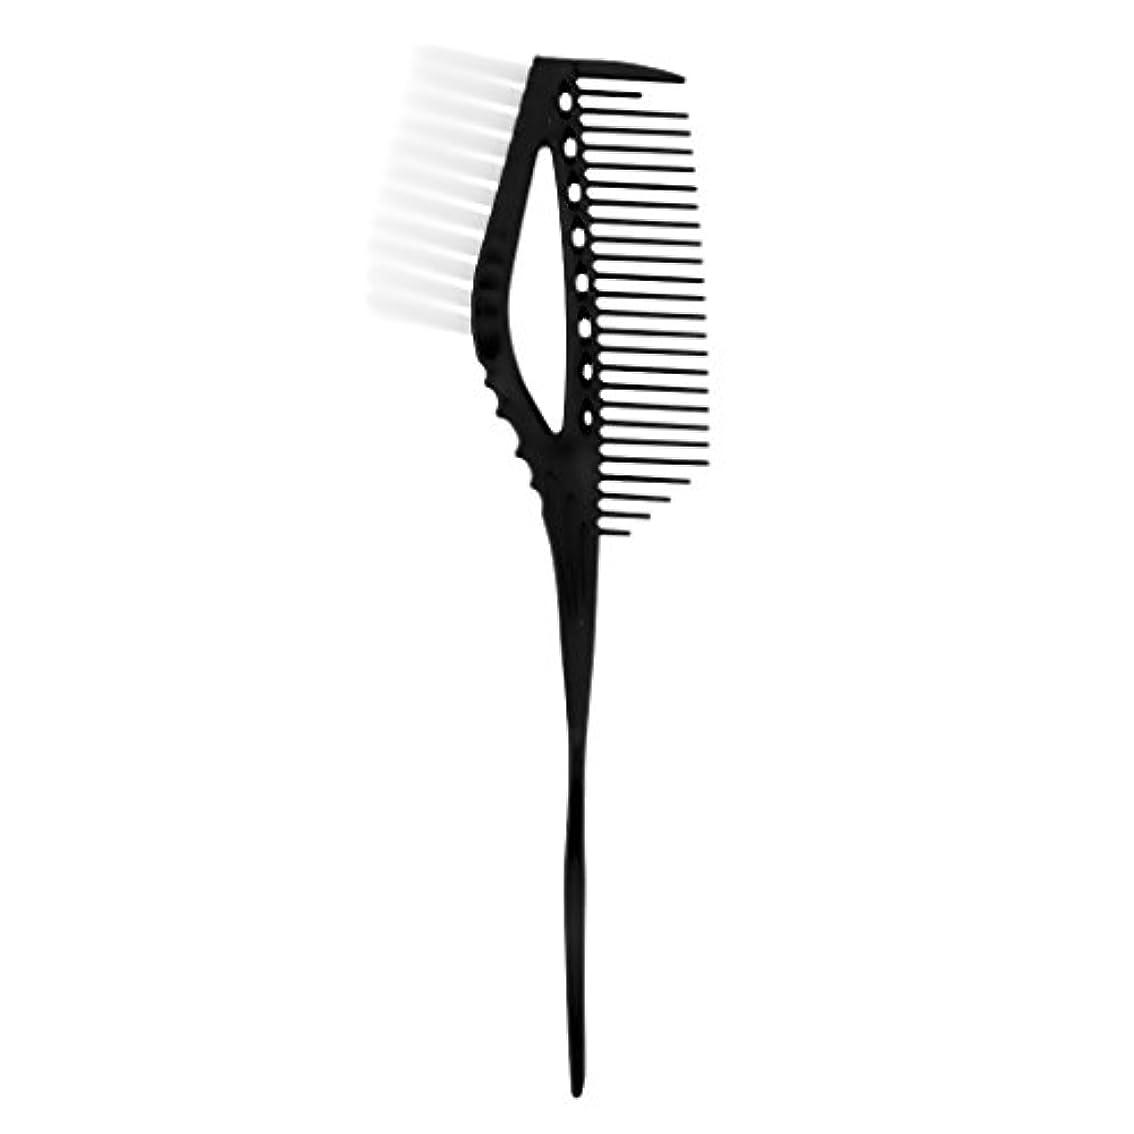 回復する防腐剤セーターハイライト櫛 染め櫛 ヘアブラシ ヘアカラー 色合い ヘアスタイル 便利 3色選べる - ブラック